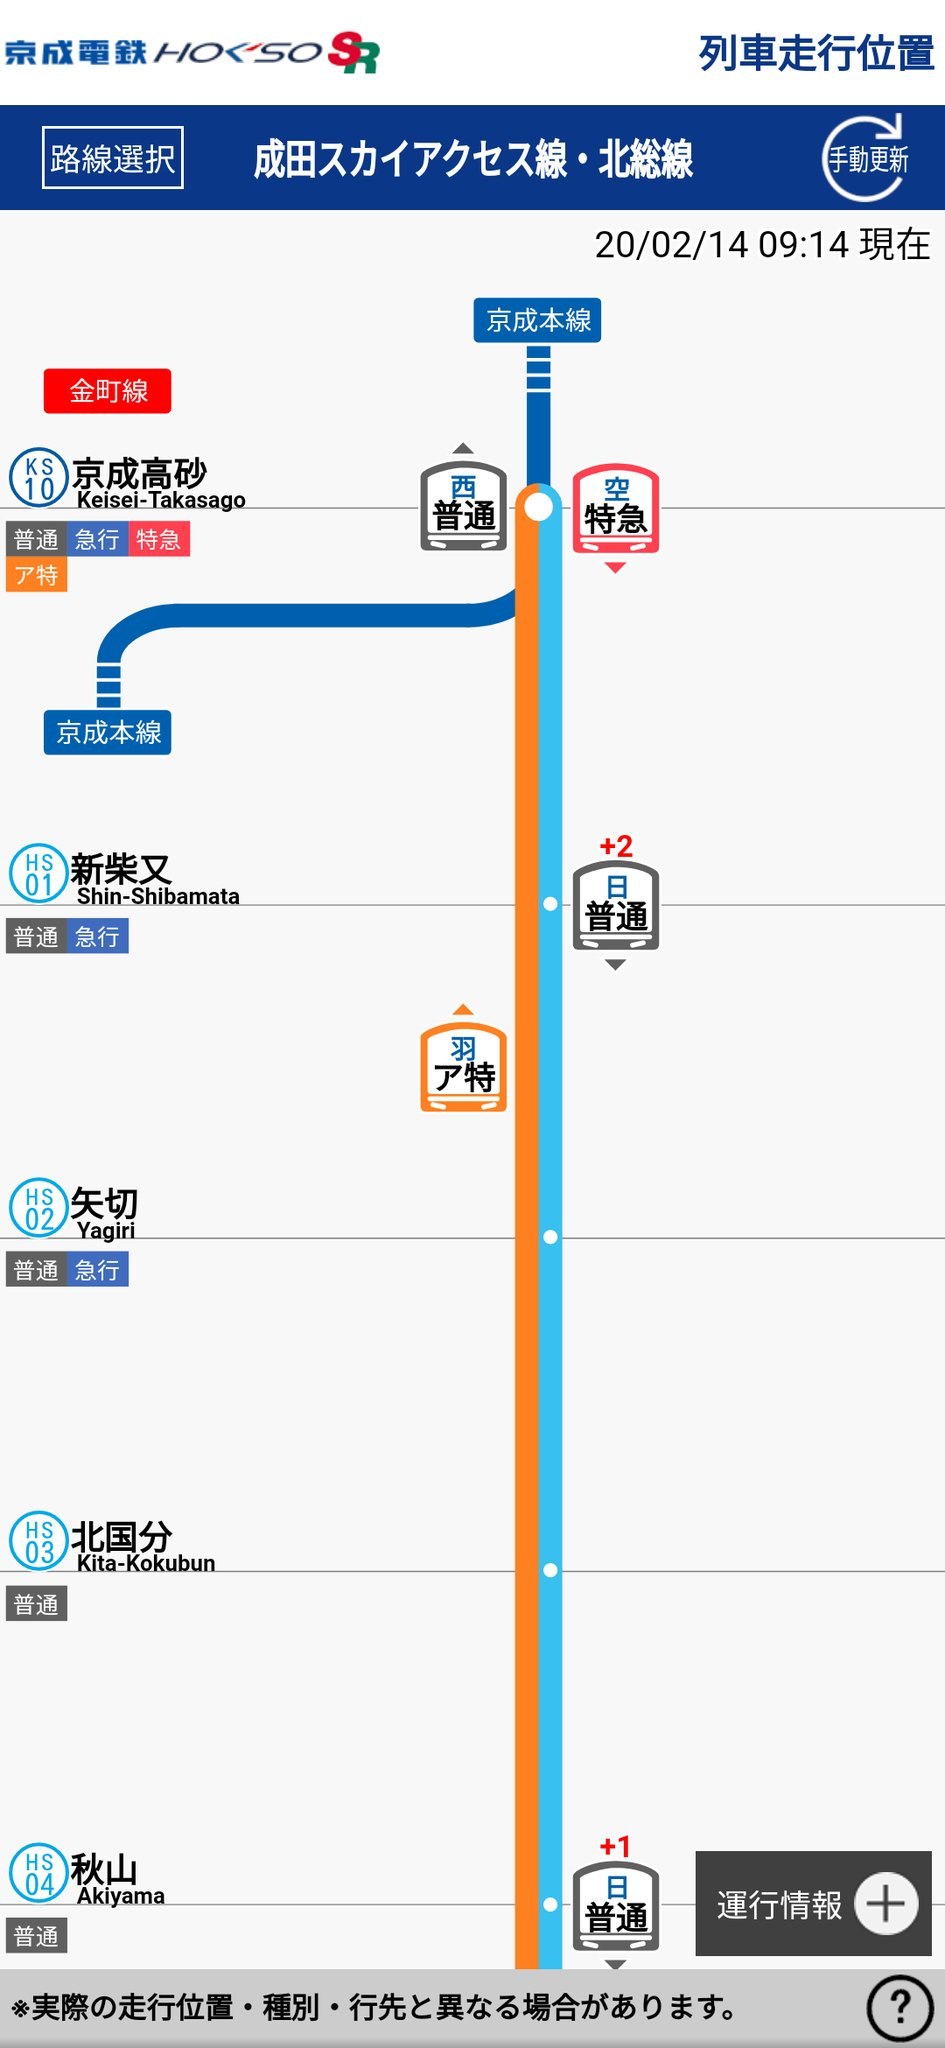 画像,北総線、成田スカイアクセス線 矢切通過時人身事故発生当該は850H 1017F https://t.co/KXzPOVnA1f…